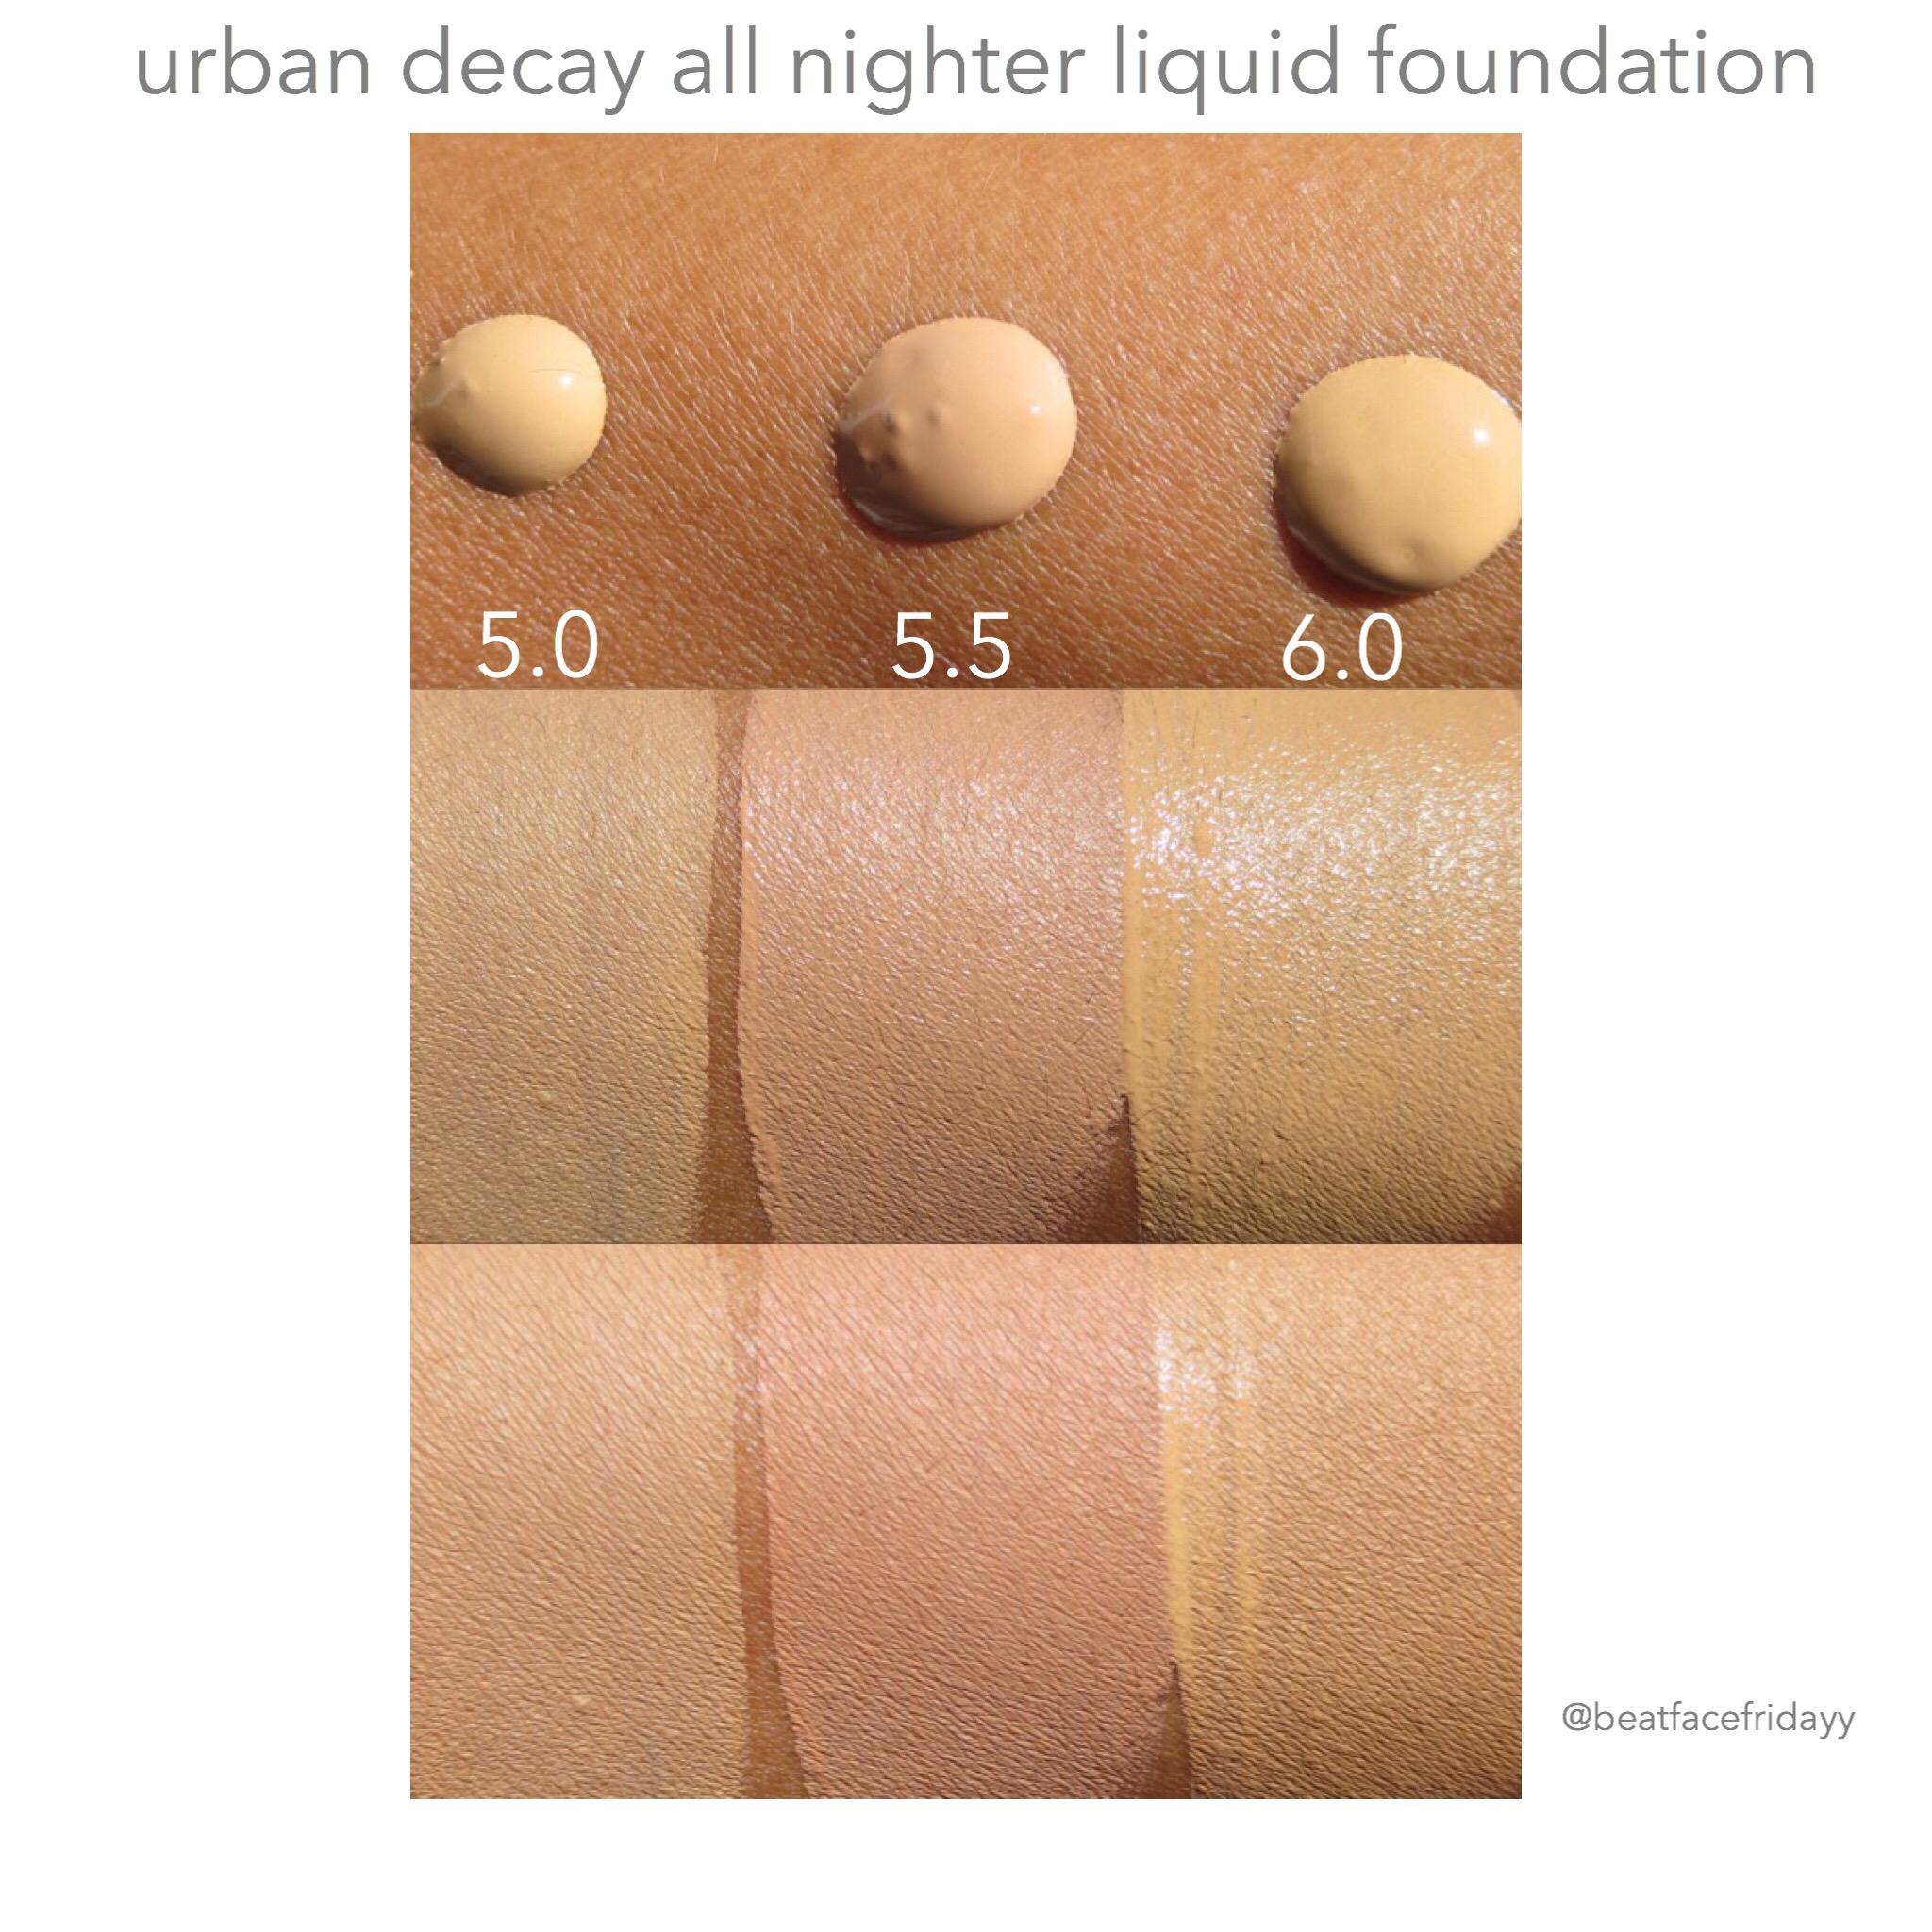 ผลการค้นหารูปภาพสำหรับ urban decay all nighter liquid foundation